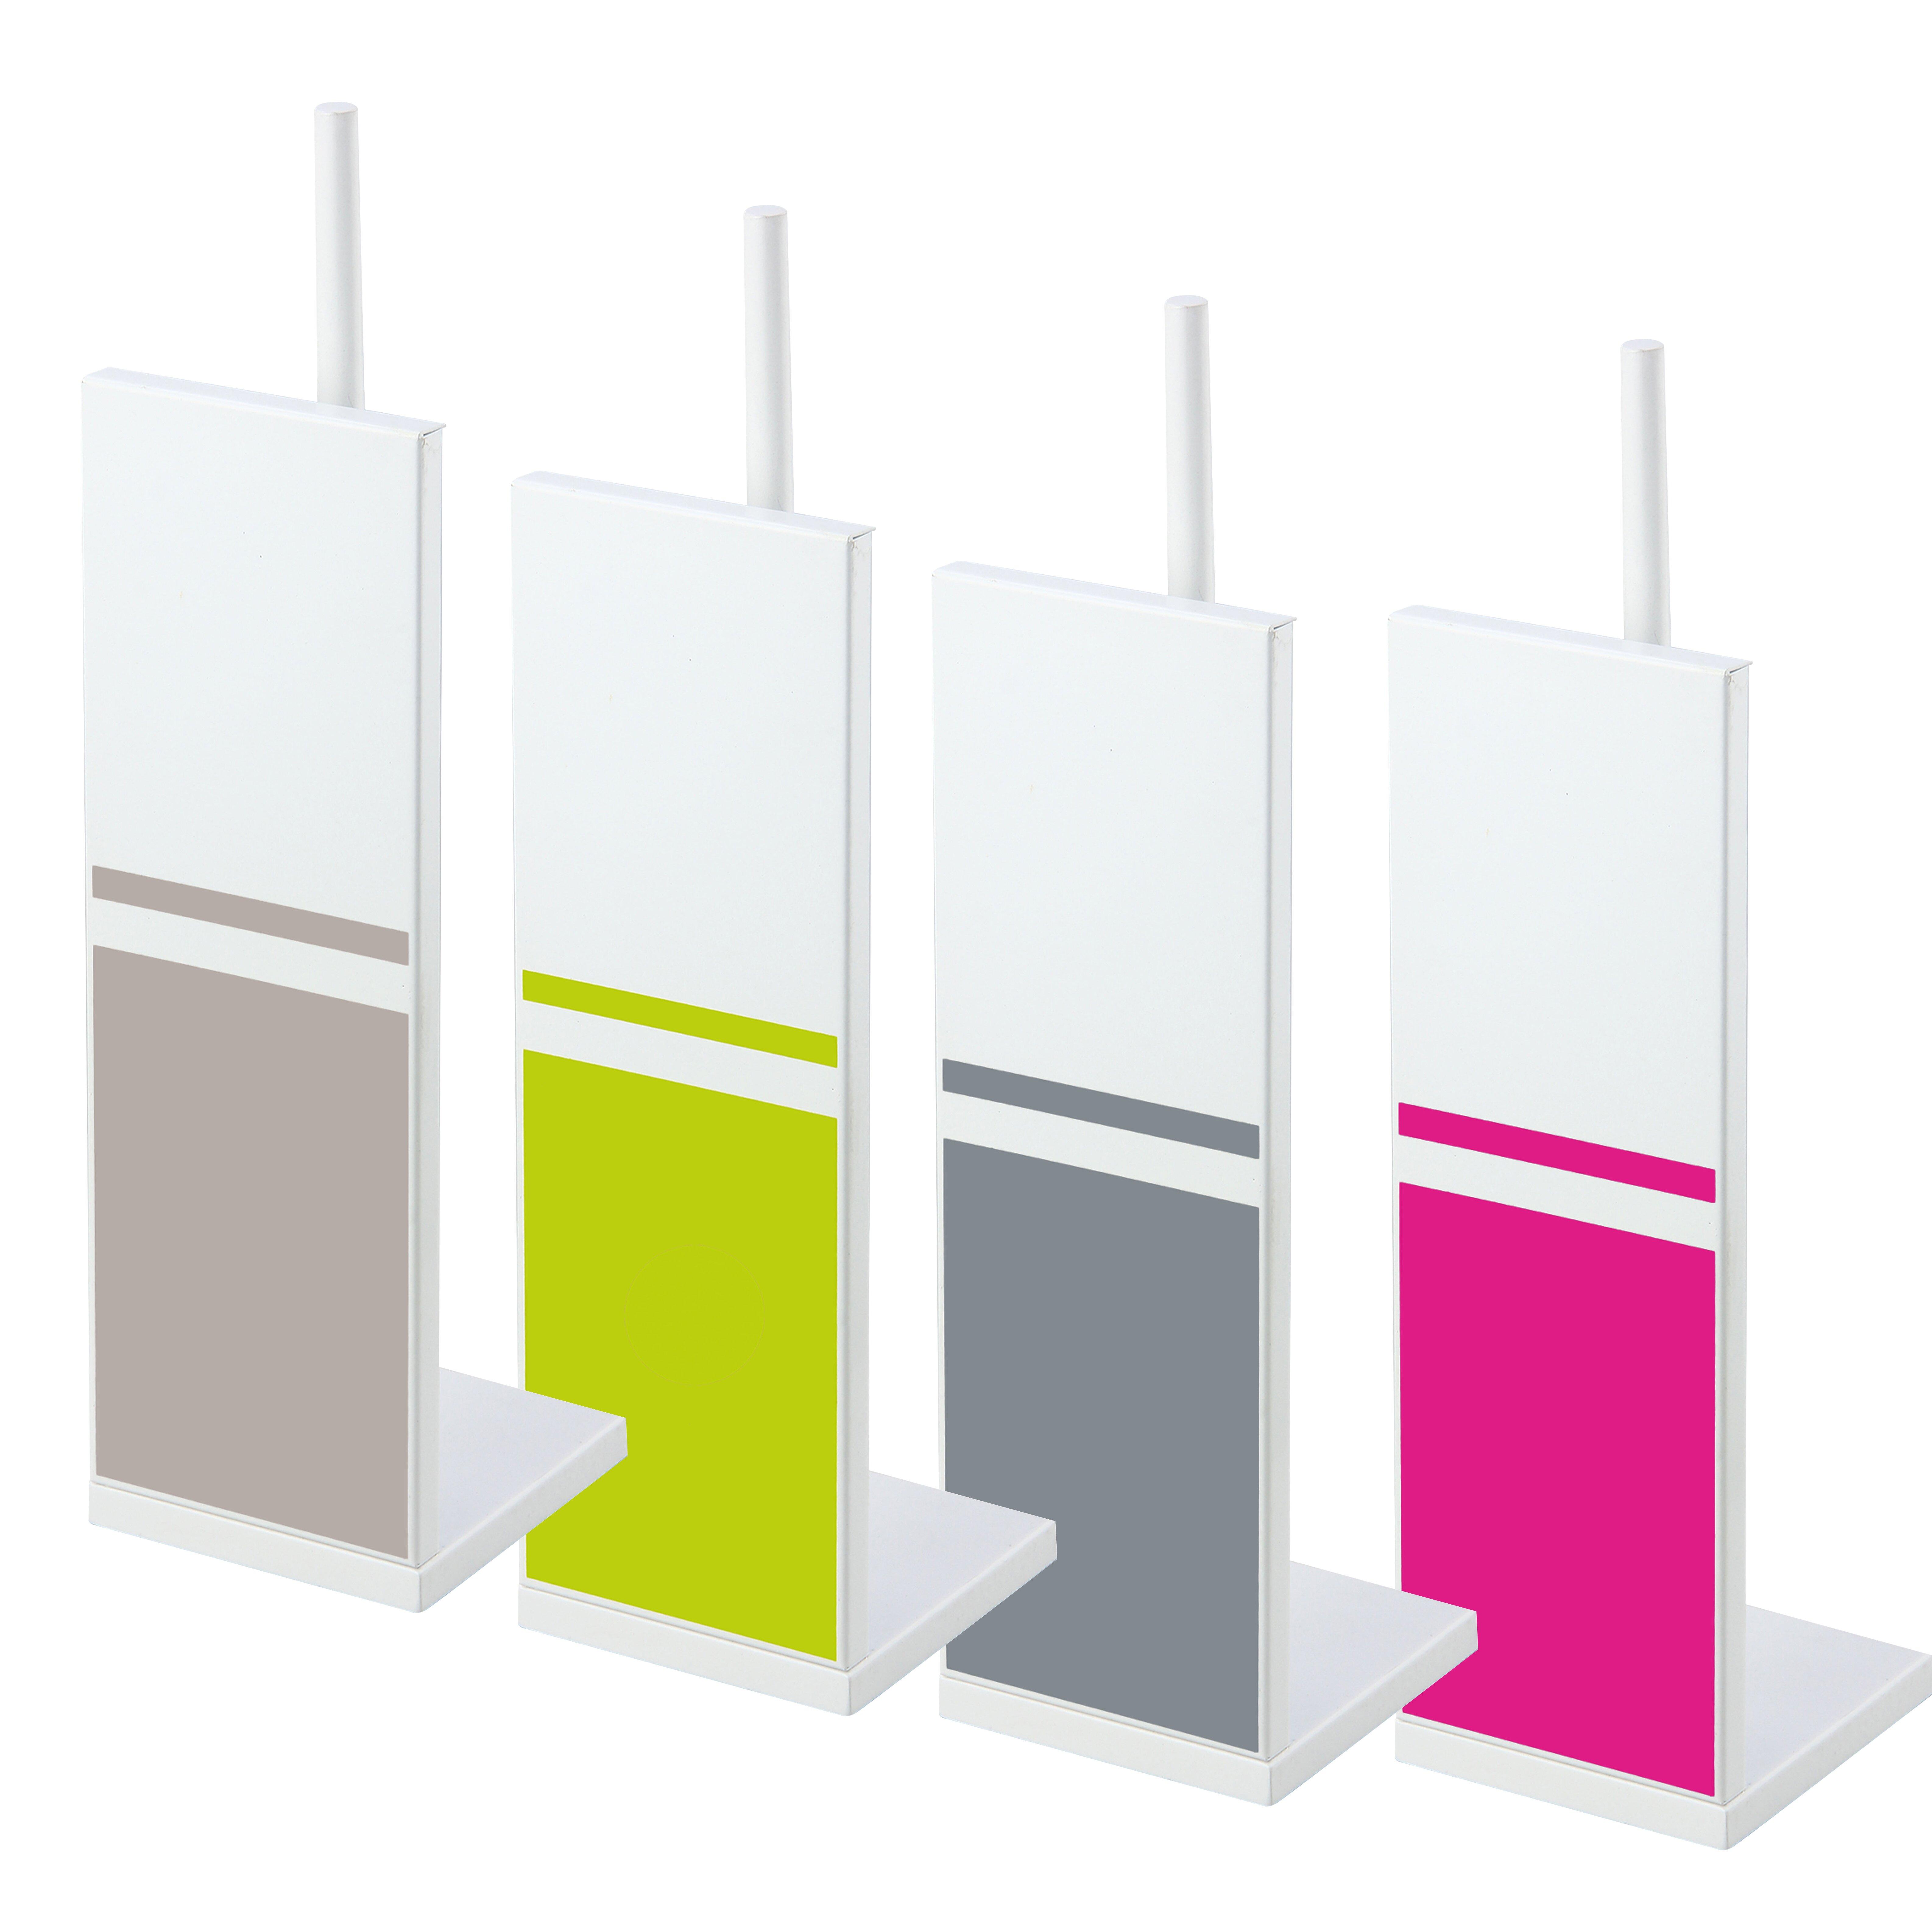 Evideco freestanding toilet tissue roll storage holder Glass toilet roll holder